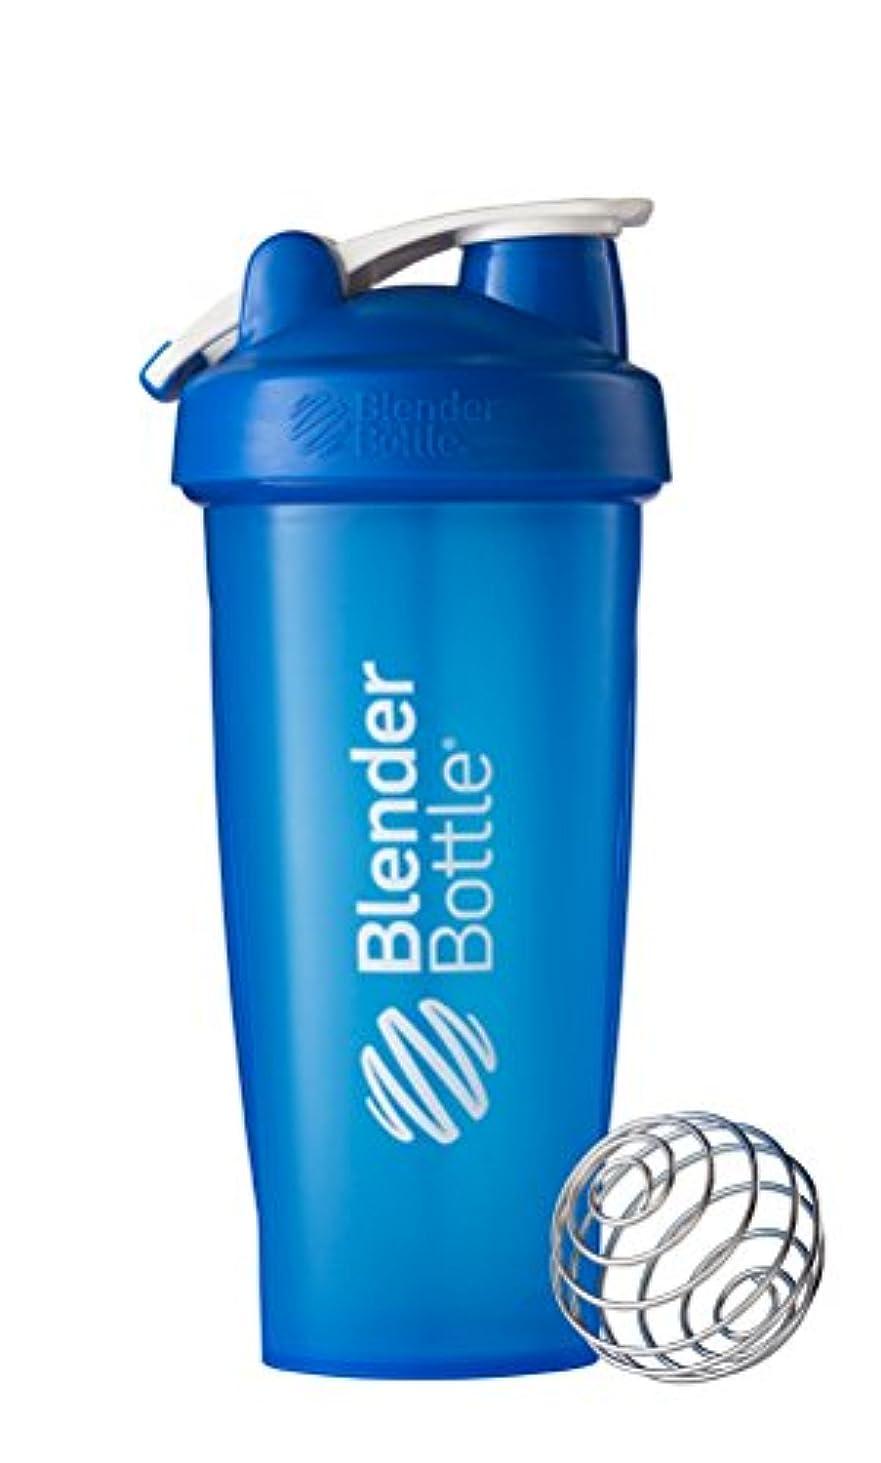 どこでもゴミ所持Blender Bottle - ループ全色青で古典的なシェーカー ボトル - 28ポンド Sundesa で